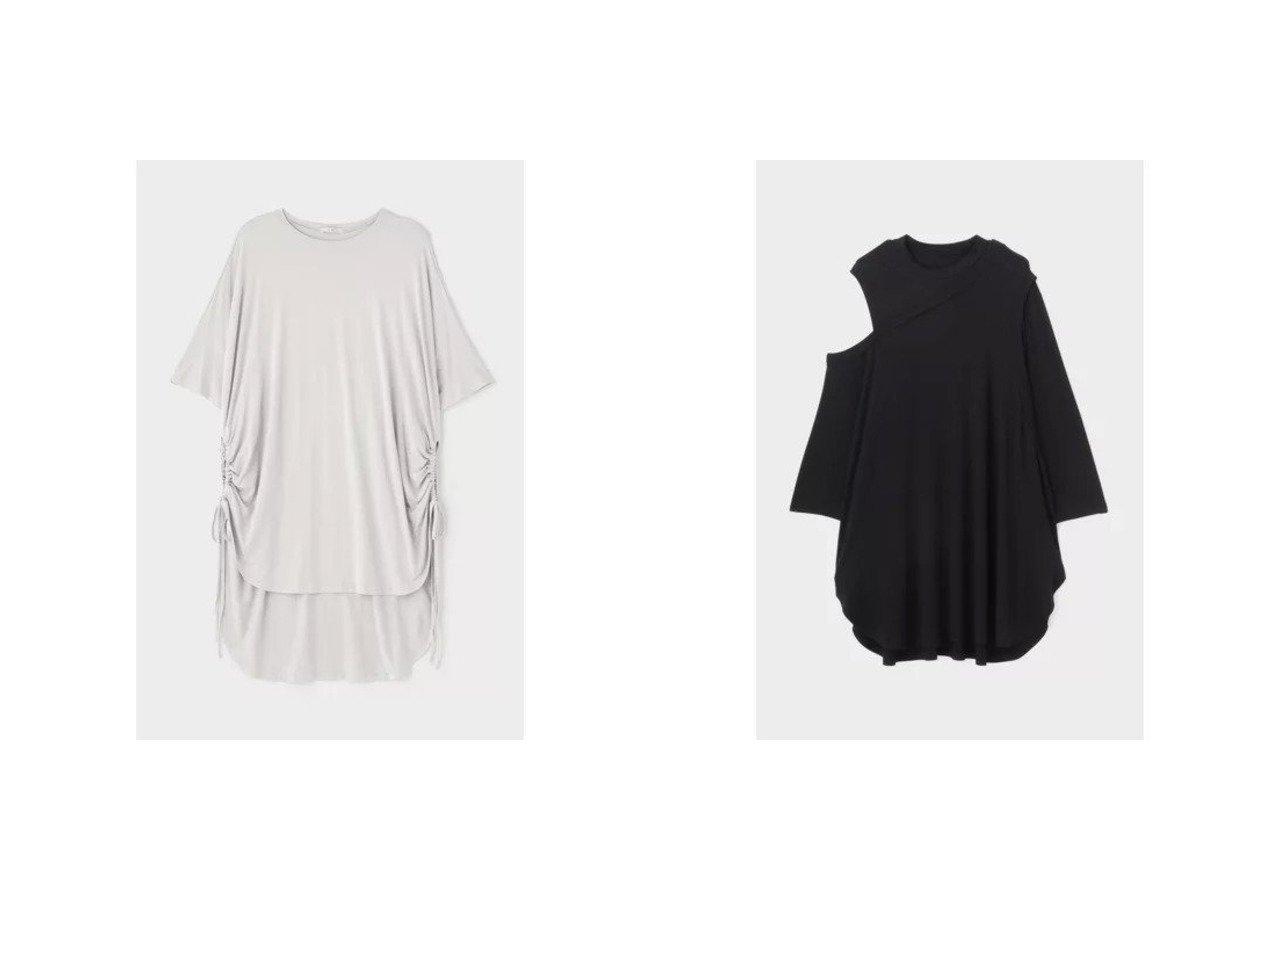 【LE PHIL/ル フィル】のサイドギャザージャージーシャツ&オープンショルダーソフトジャージシャツ 【トップス・カットソー】おすすめ!人気、トレンド・レディースファッションの通販 おすすめで人気の流行・トレンド、ファッションの通販商品 インテリア・家具・メンズファッション・キッズファッション・レディースファッション・服の通販 founy(ファニー) https://founy.com/ ファッション Fashion レディースファッション WOMEN トップス・カットソー Tops/Tshirt シャツ/ブラウス Shirts/Blouses ロング / Tシャツ T-Shirts カットソー Cut and Sewn キャミソール / ノースリーブ No Sleeves 2021年 2021 2021春夏・S/S SS/Spring/Summer/2021 S/S・春夏 SS・Spring/Summer カットソー ギャザー スリット ドレープ ドローストリング 半袖 ノースリーブ リラックス 長袖 |ID:crp329100000048341